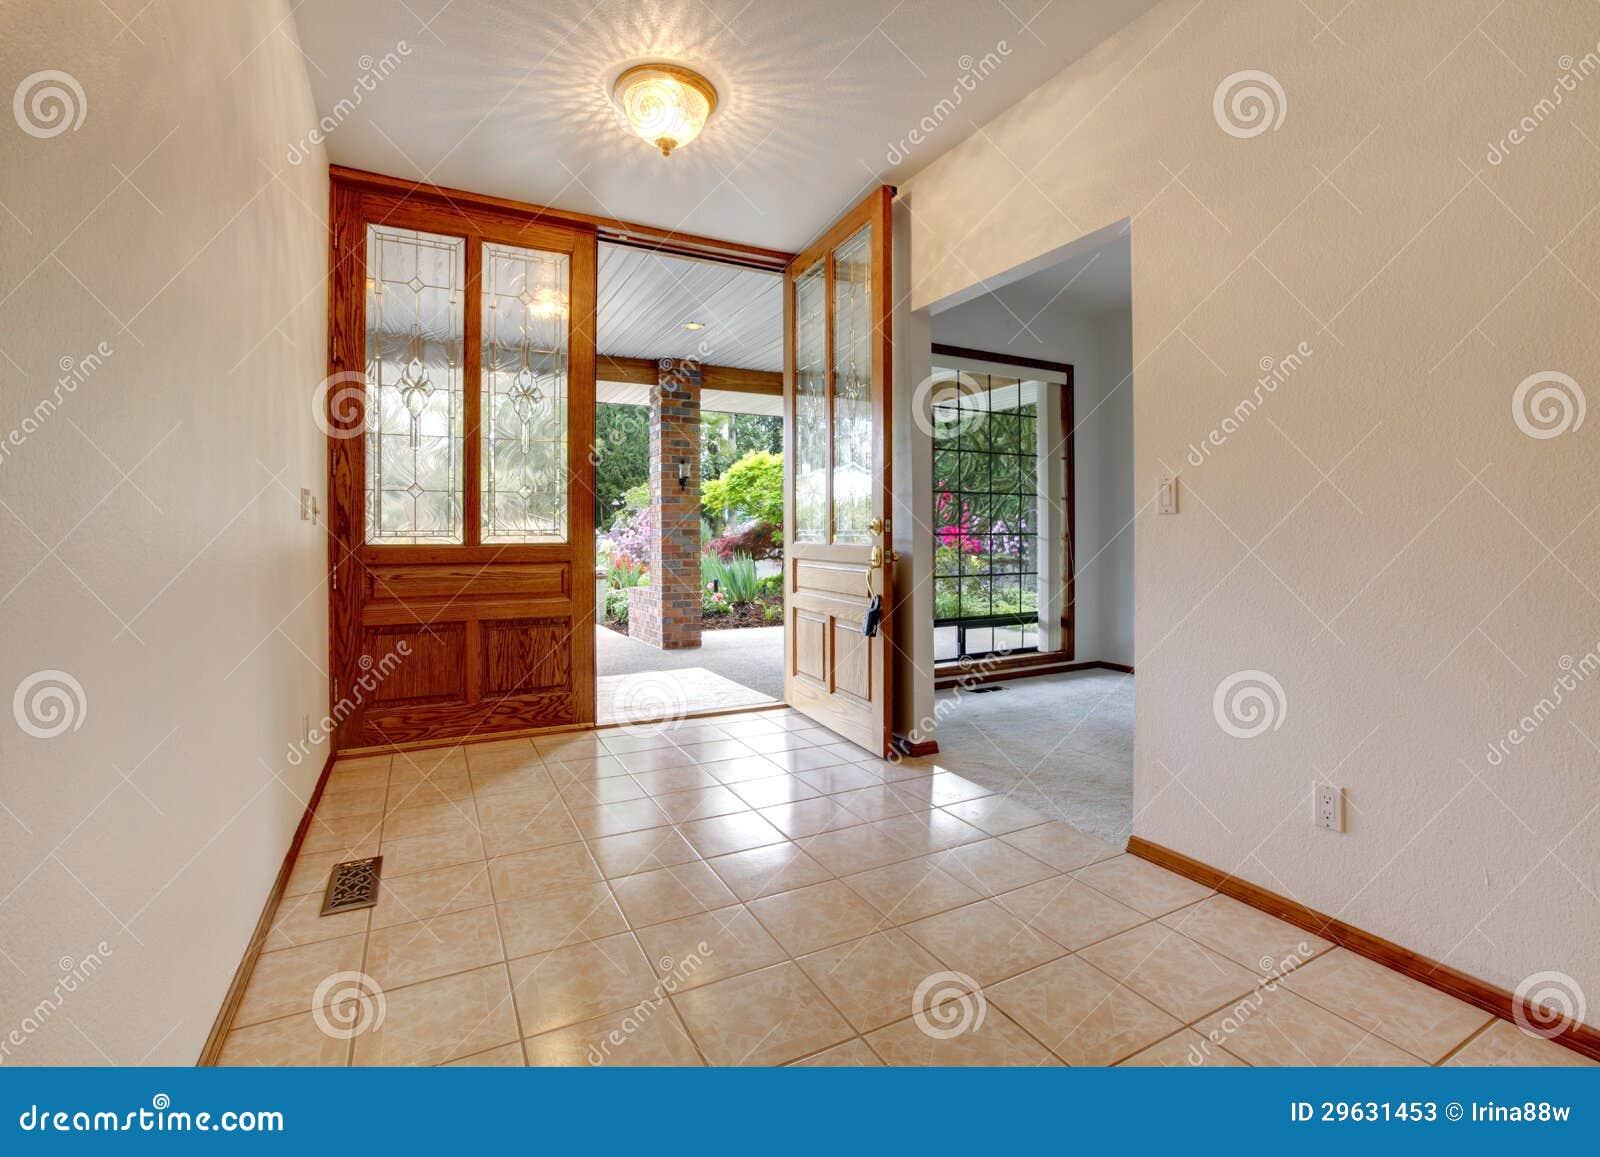 Entr e avant vide avec la porte ouverte int rieur la for Le vide interieur